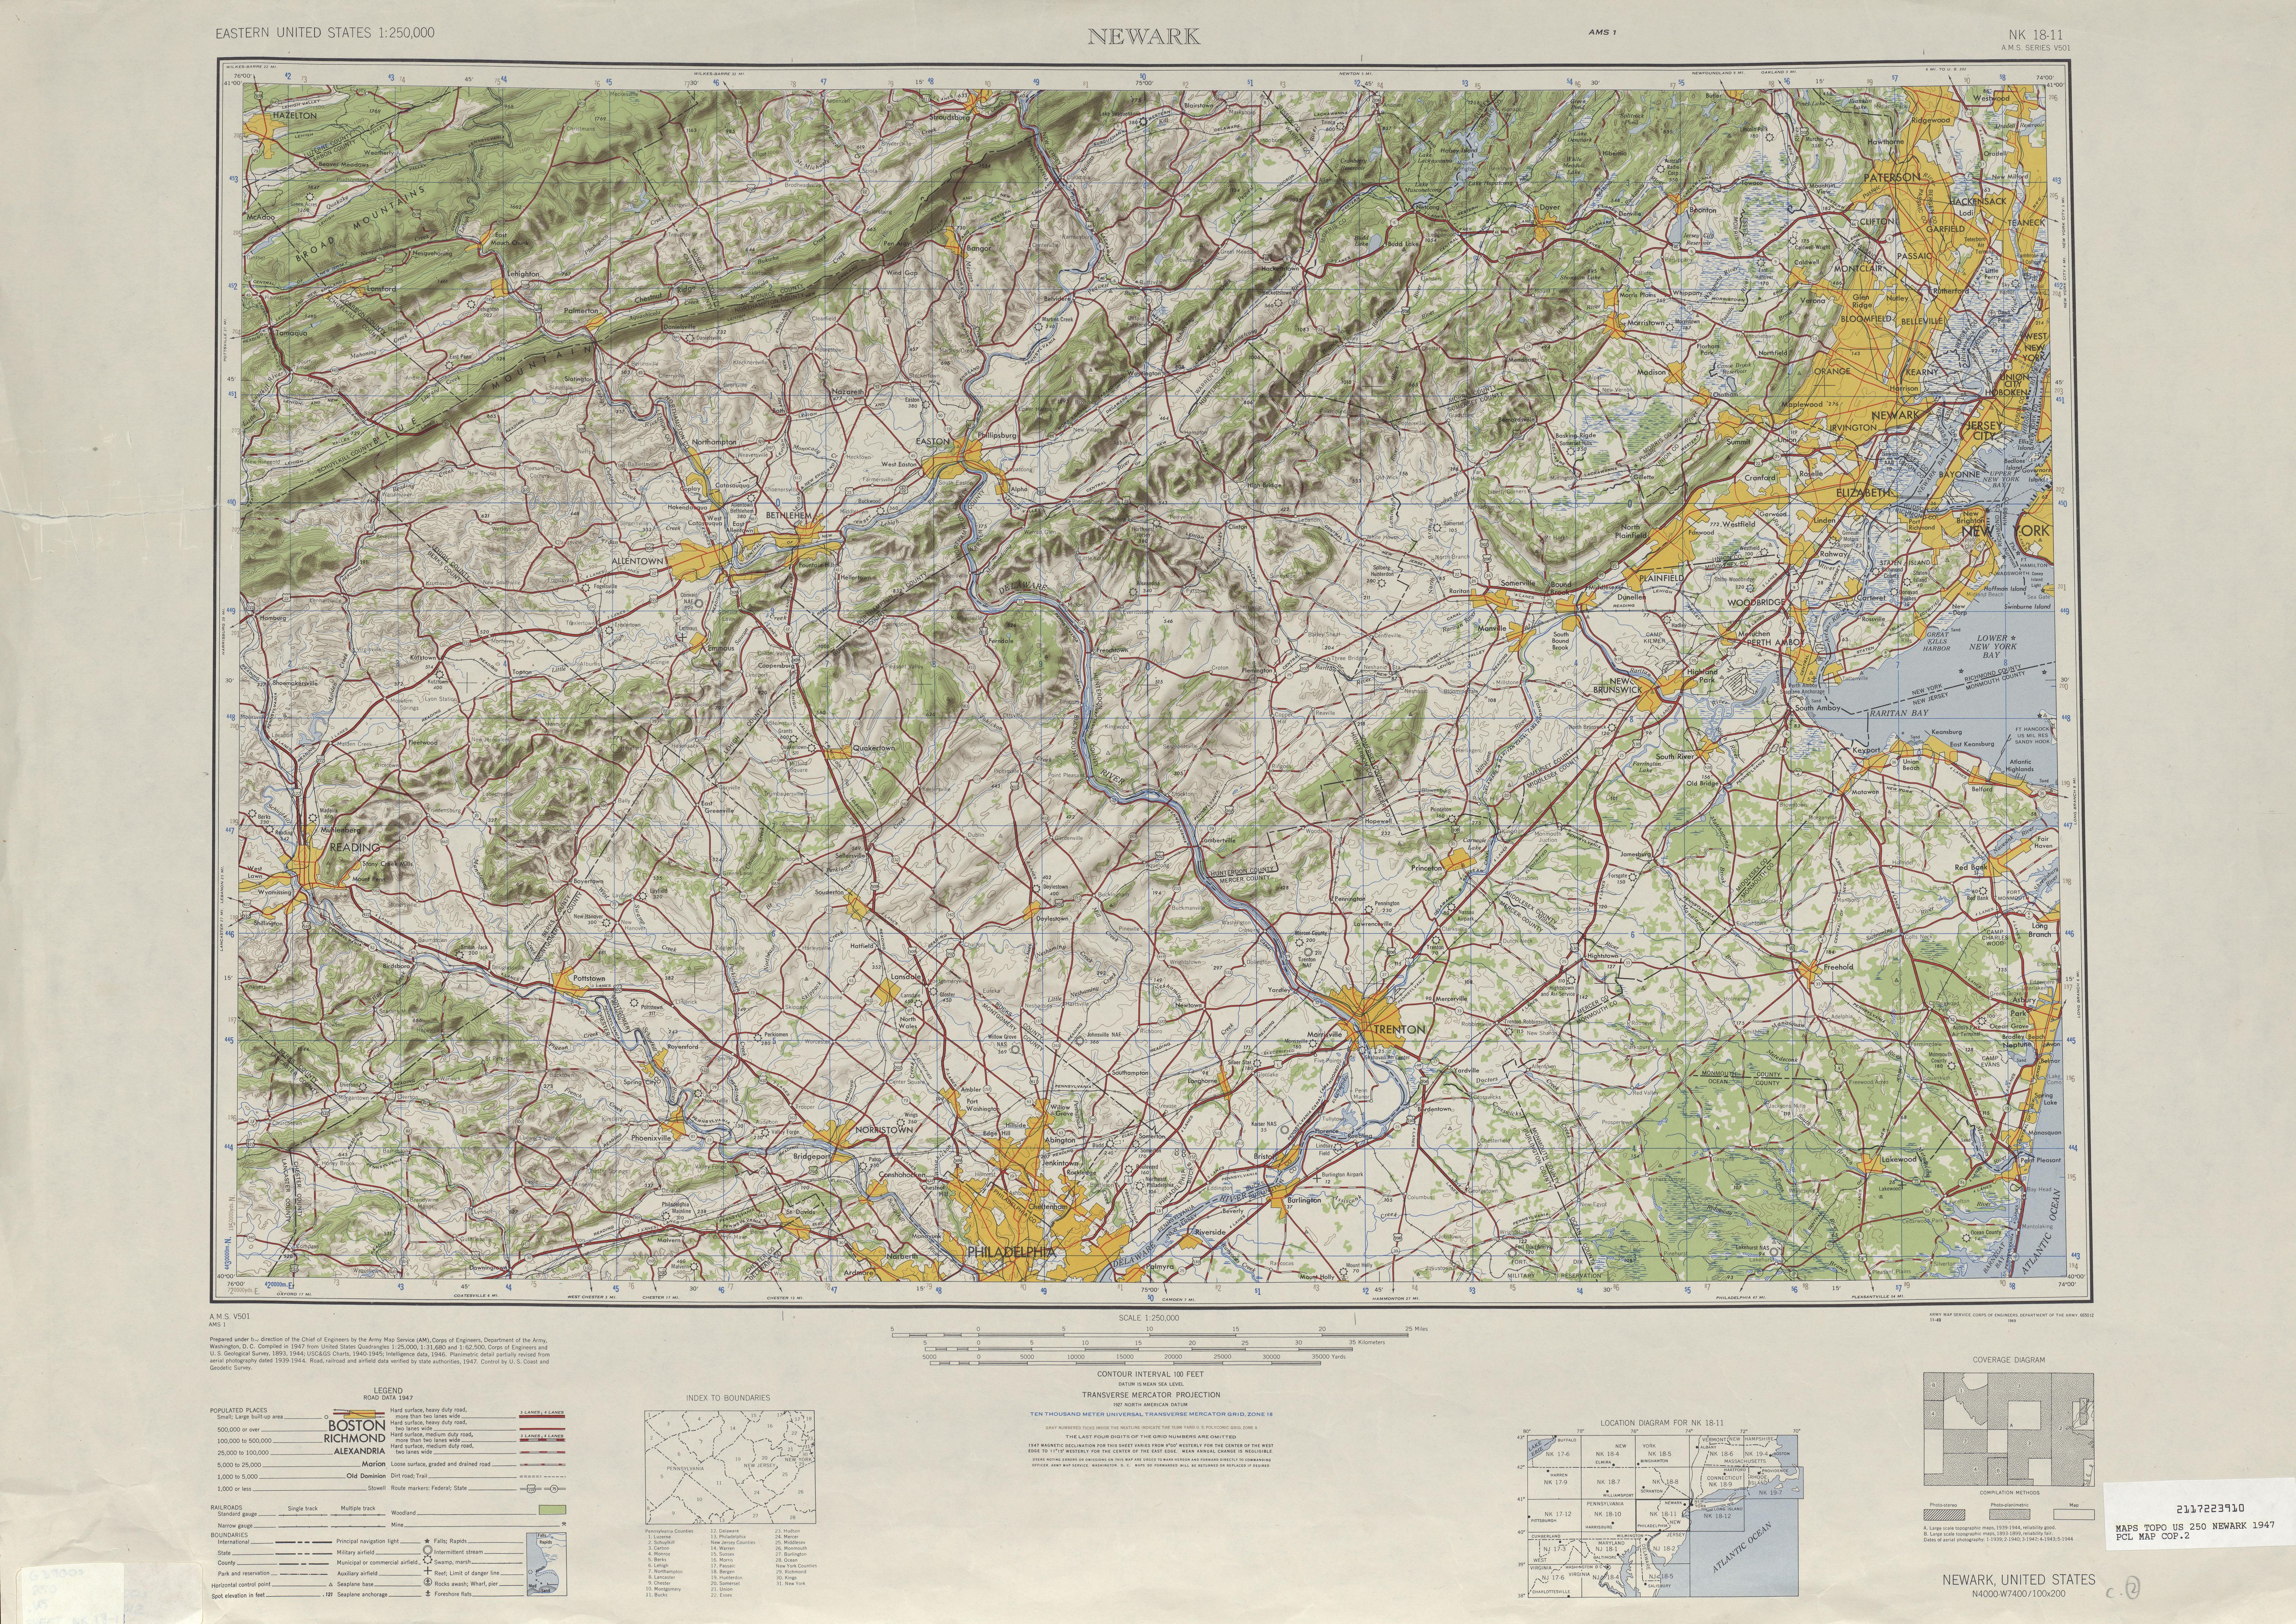 Hoja NeGuerrak del Mapa Topográfico de los Estados Unidos 1947